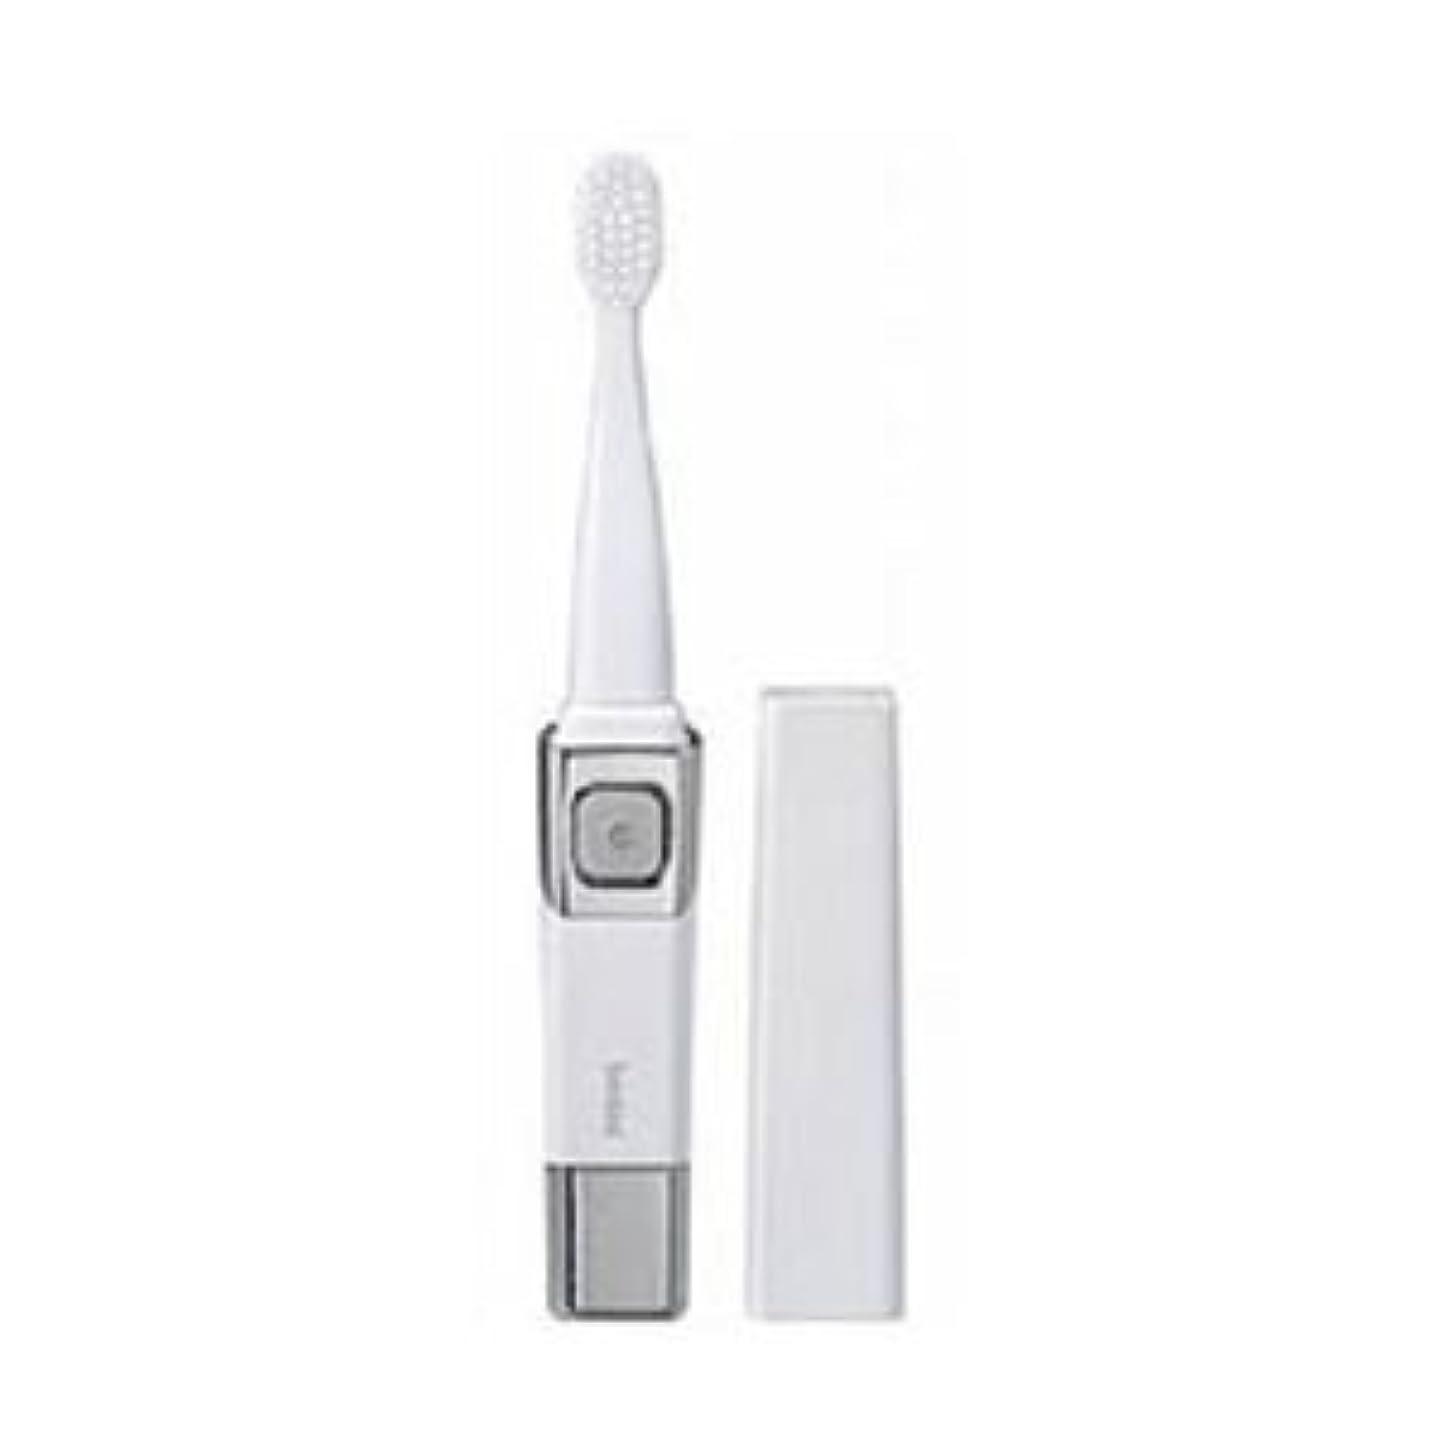 嫌なプール浸漬(まとめ)ツインバード 音波振動歯ブラシ パールホワイト BD-2755PW【×3セット】